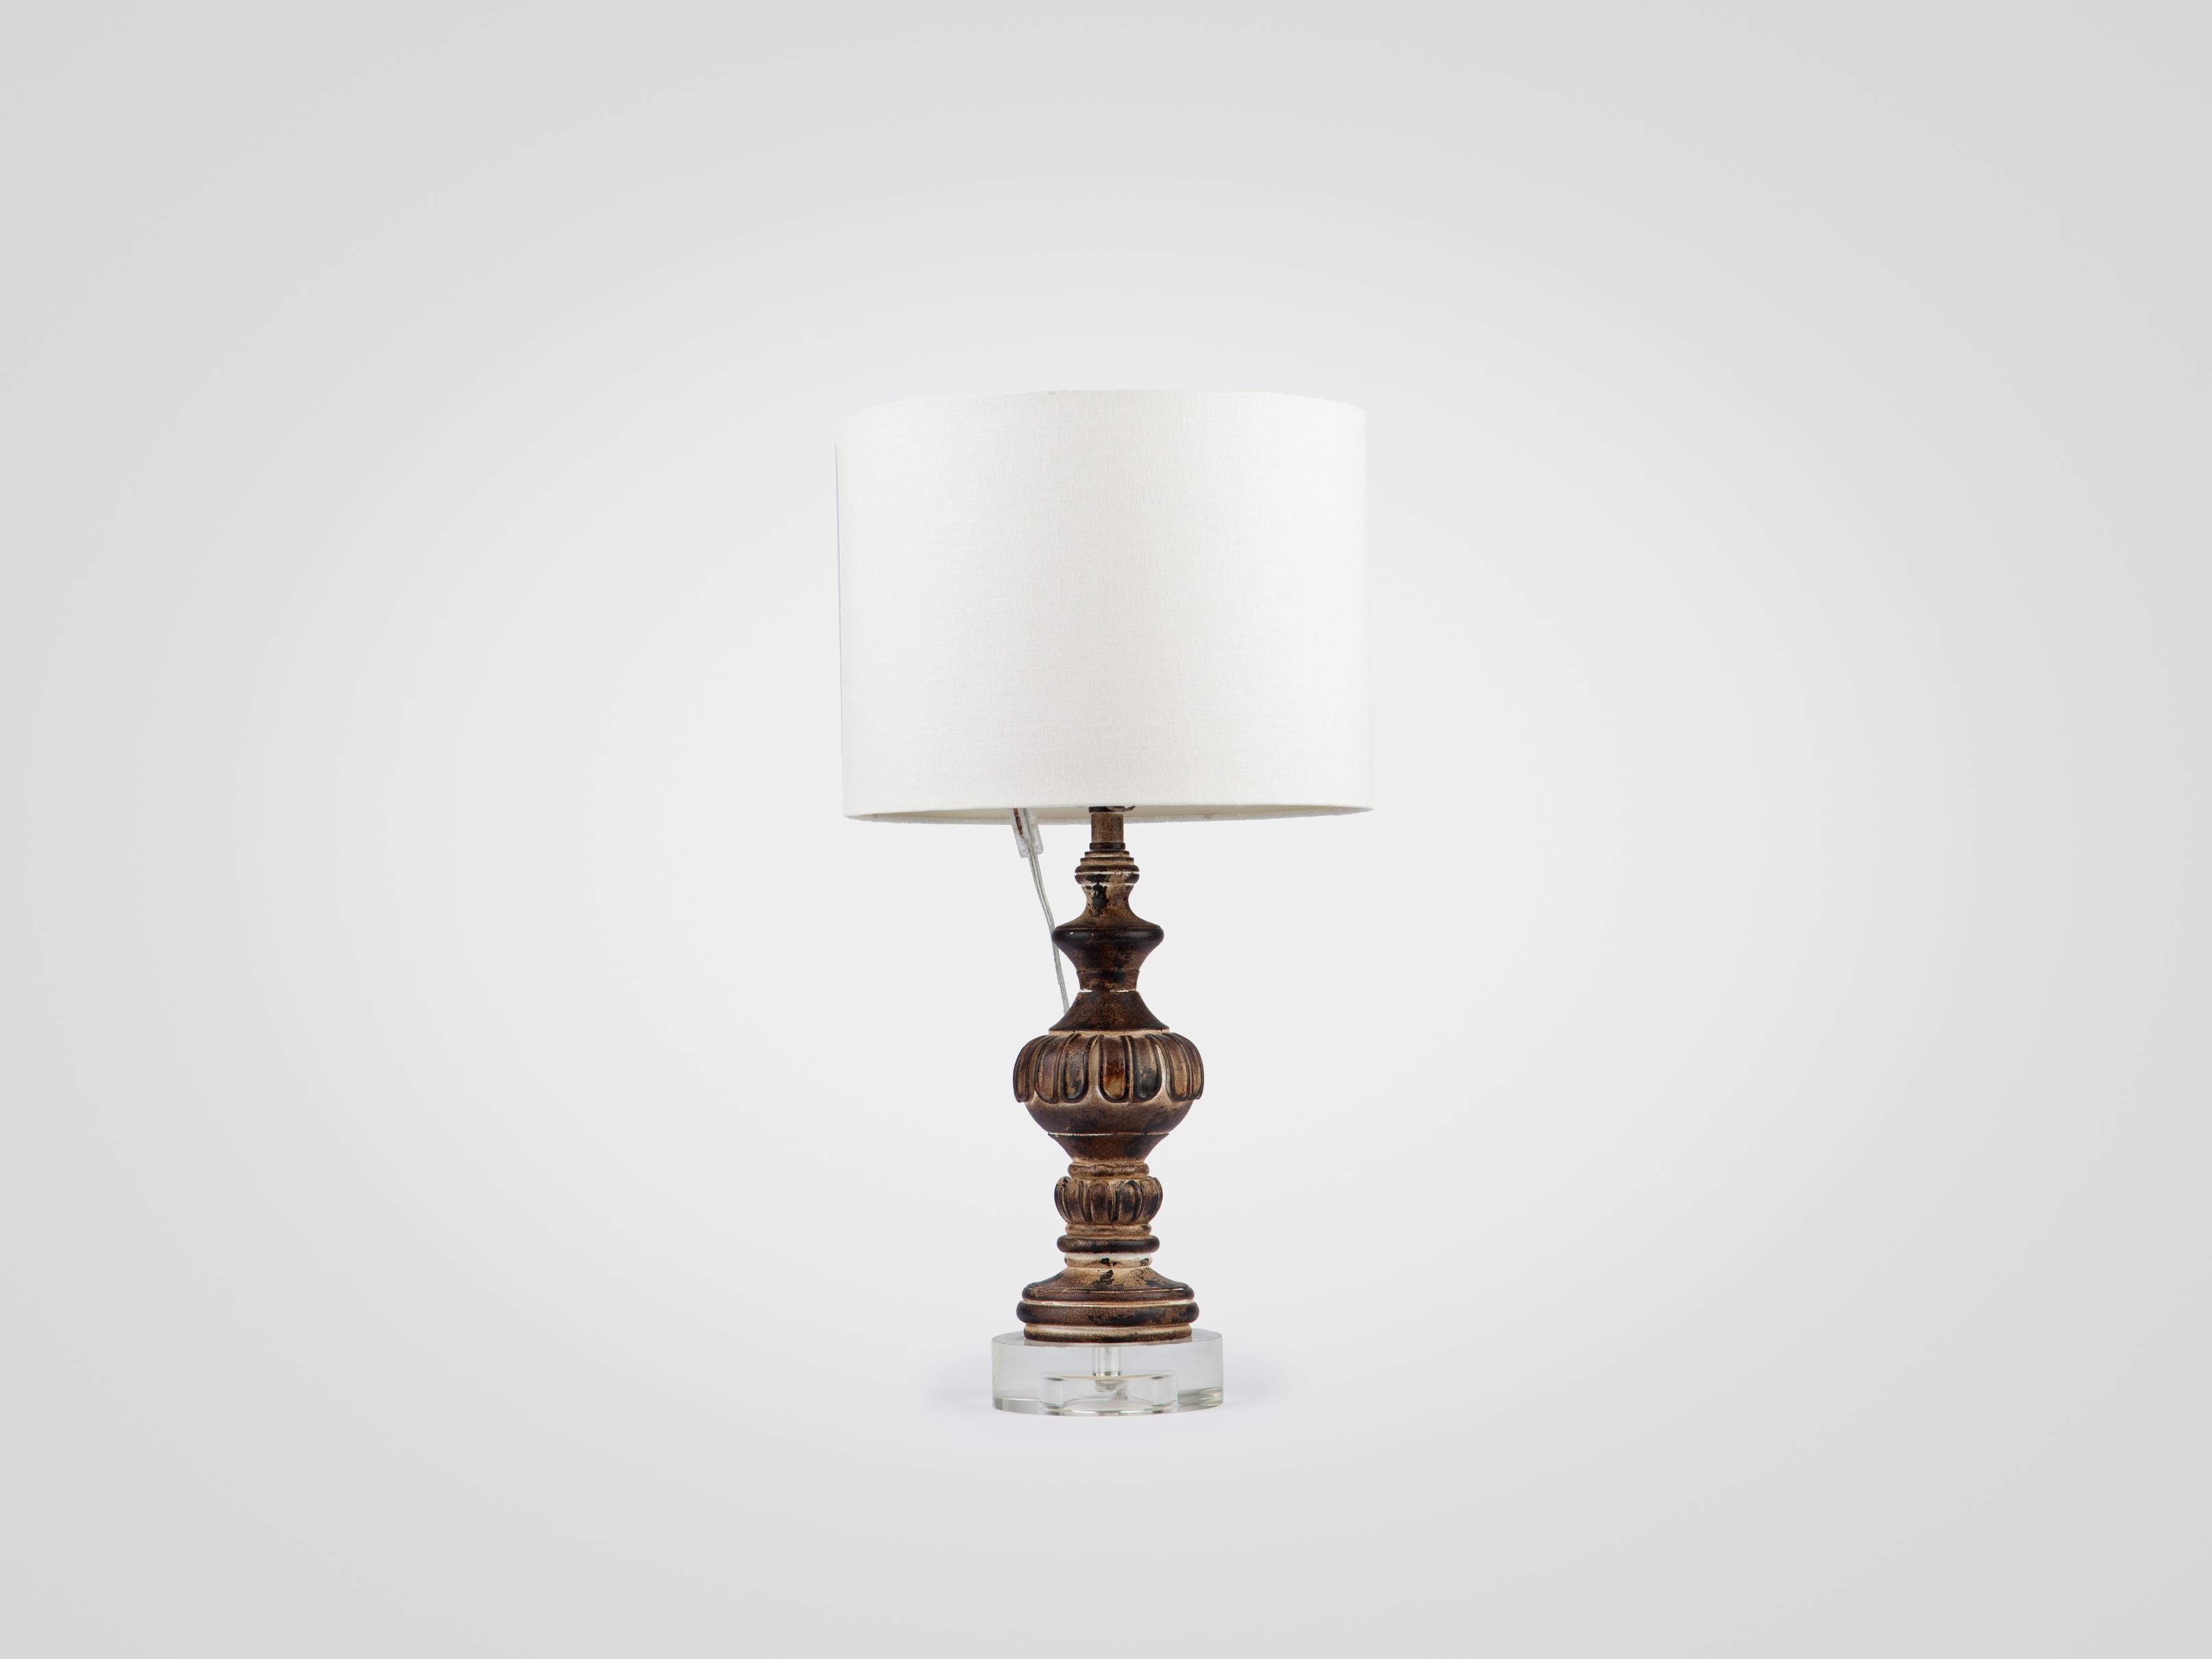 Купить Лампа настольная на декоративной ножке украшенной патиной и старением, inmyroom, Китай